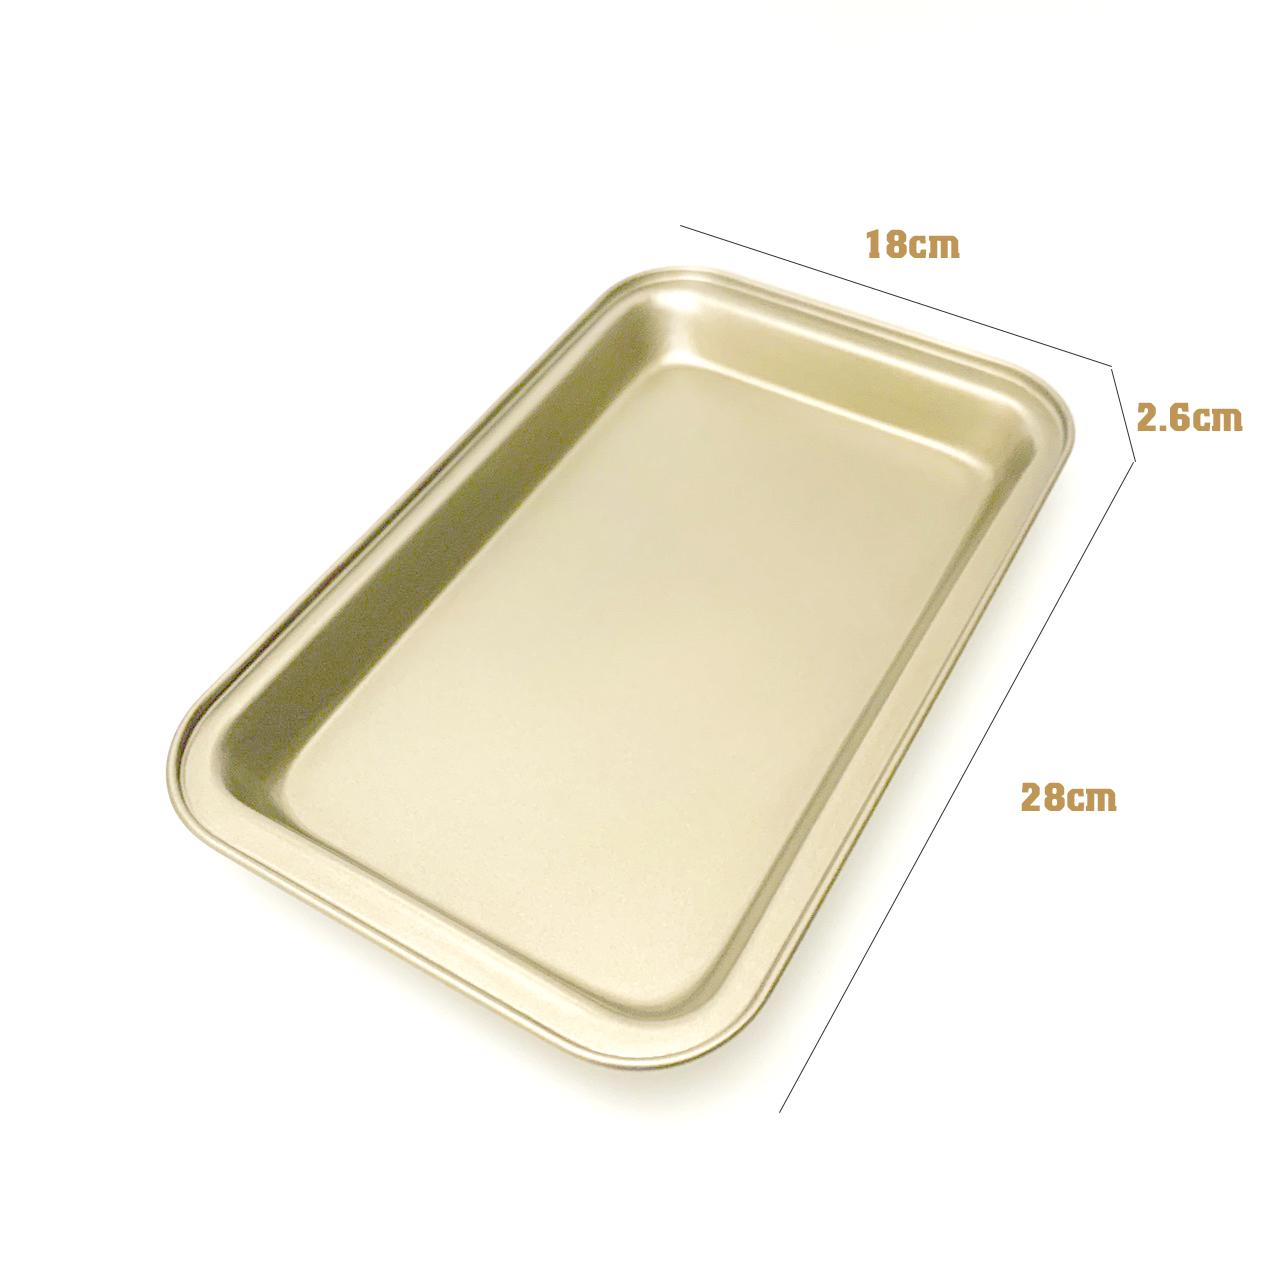 Khay Nướng Bánh Chữ Nhật Chống Dính 28*18*2.6cm (Mầu Vàng)